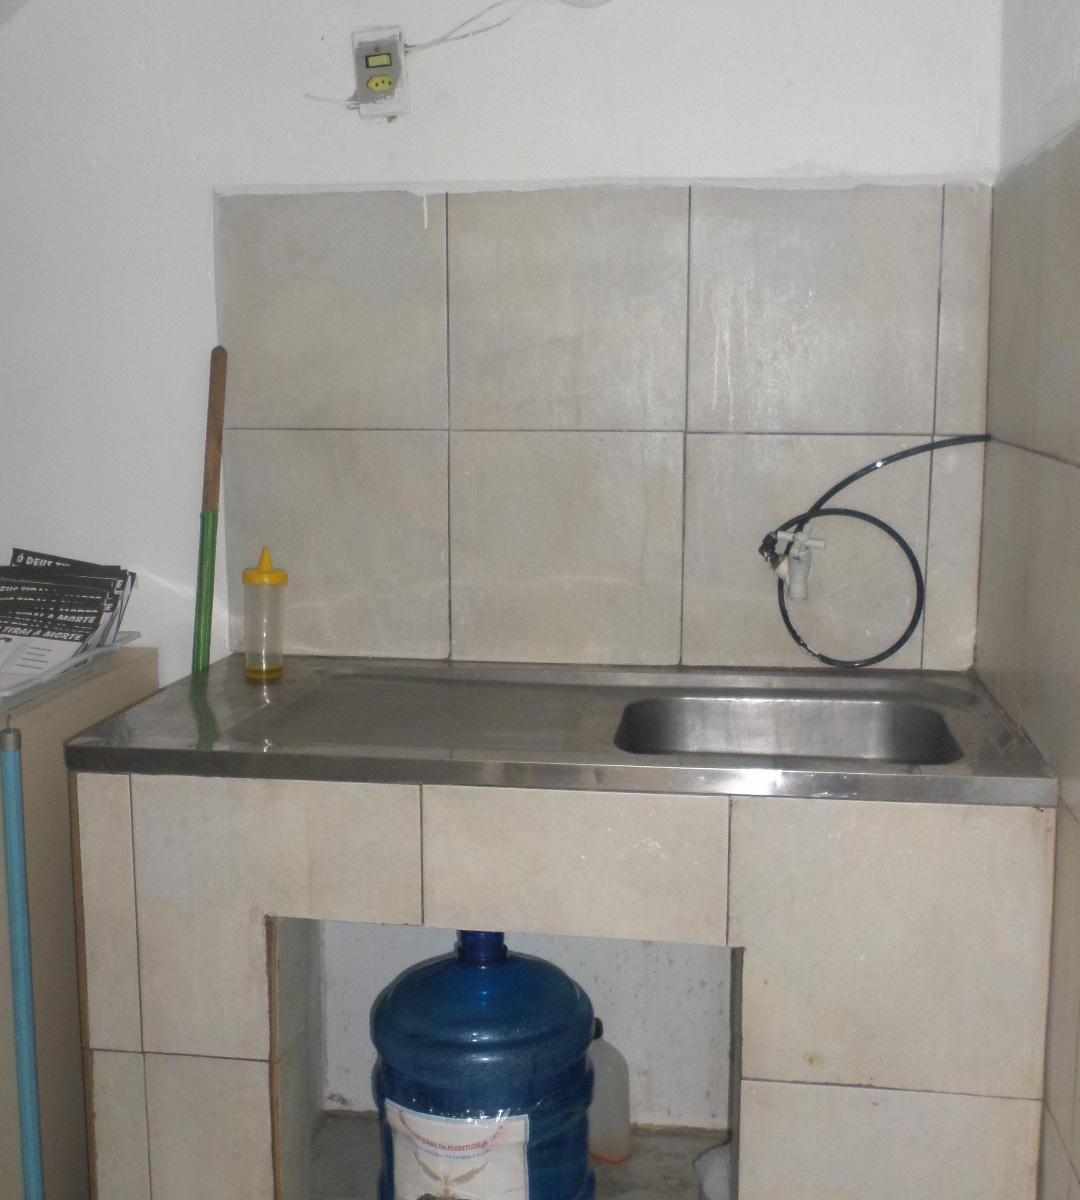 Comercial para aluguel Xaxim Curitiba R$ 3.500 220 m2 ID  #2A445C 1080x1200 Area Banheiro Pne